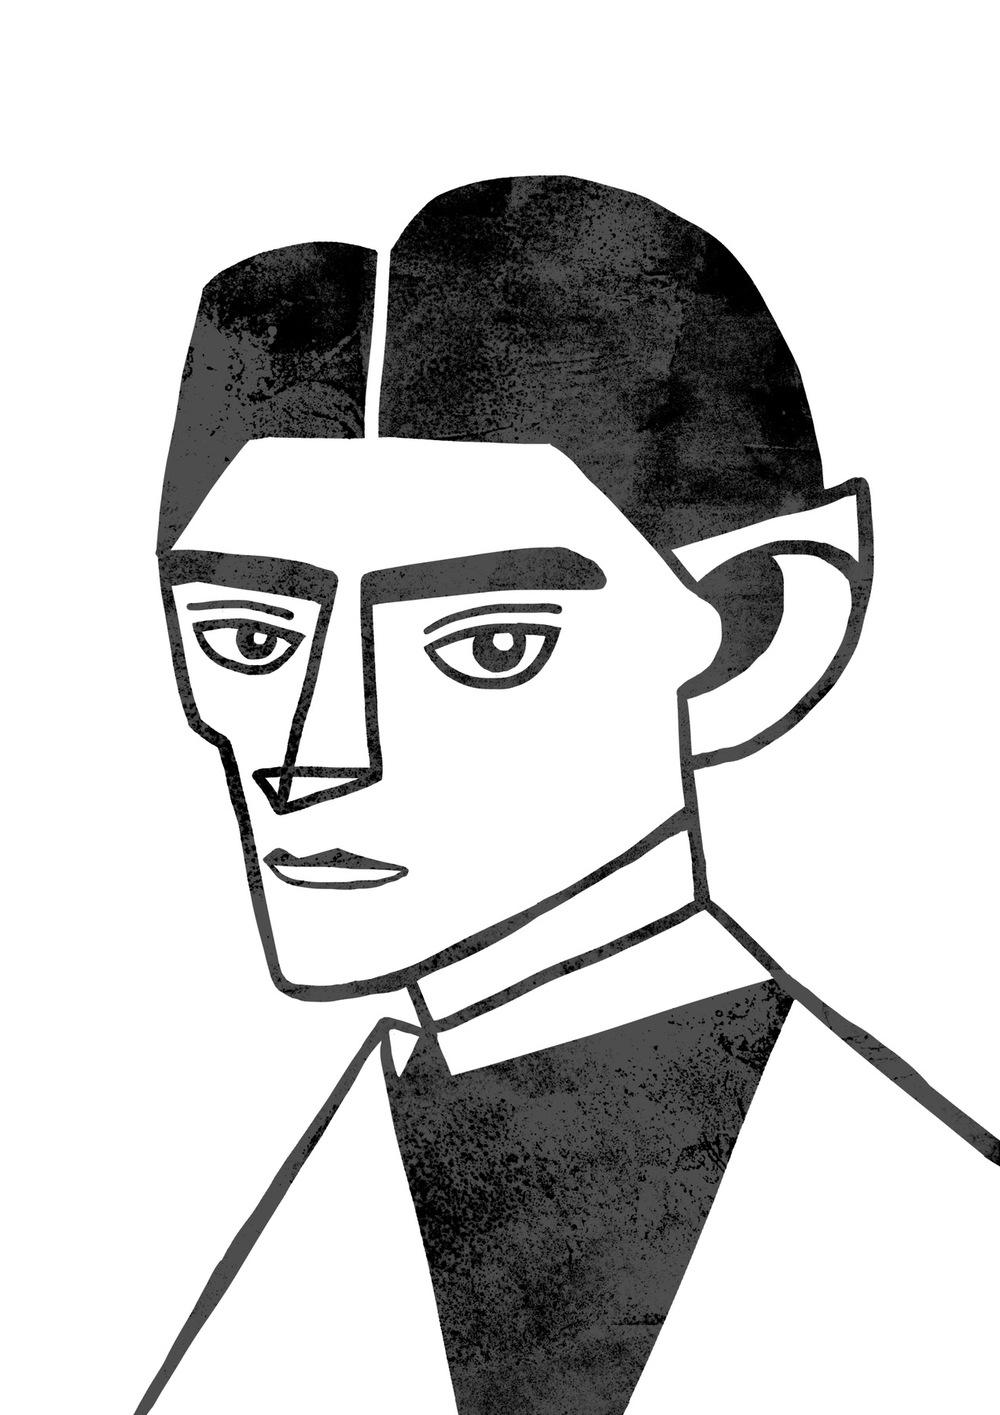 yevtushenko - Franz Kafka